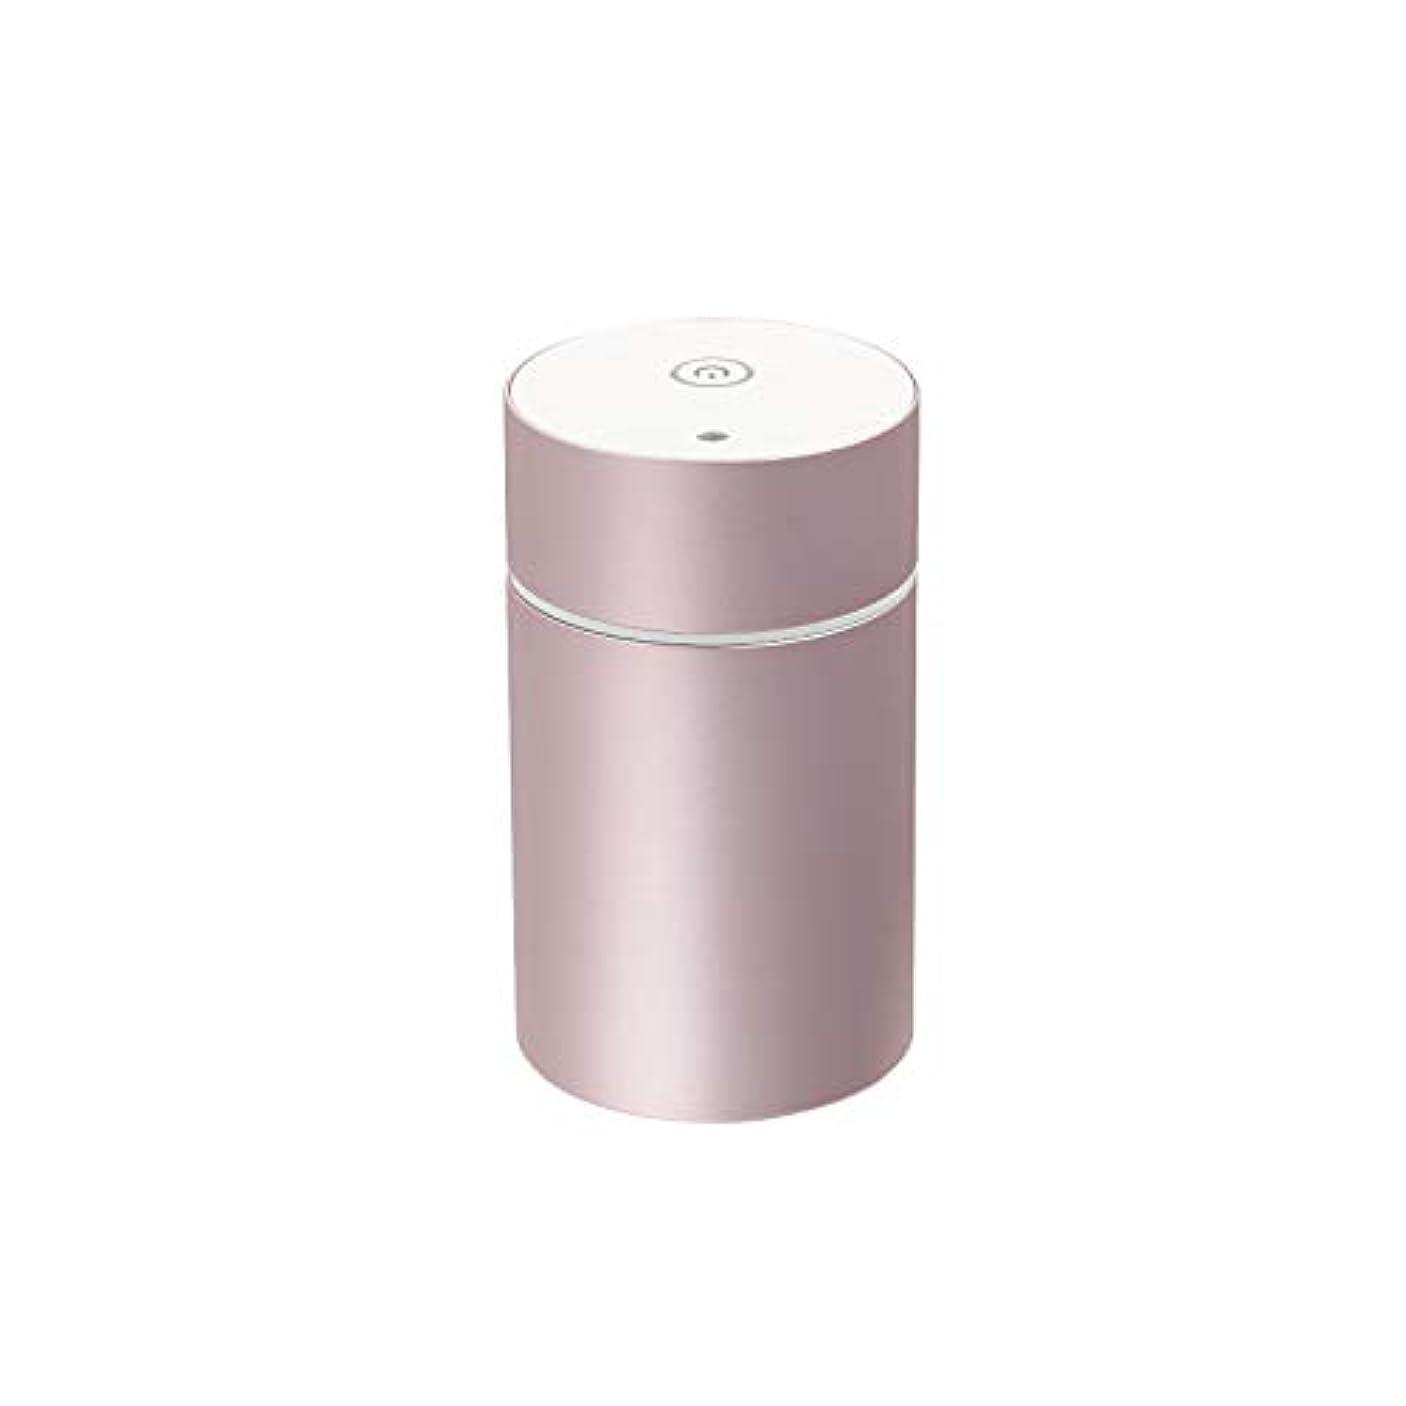 タブレット最も早い未来生活の木 アロマディフューザー(ピンク)aromore mini(アロモアミニ) 08-801-7020